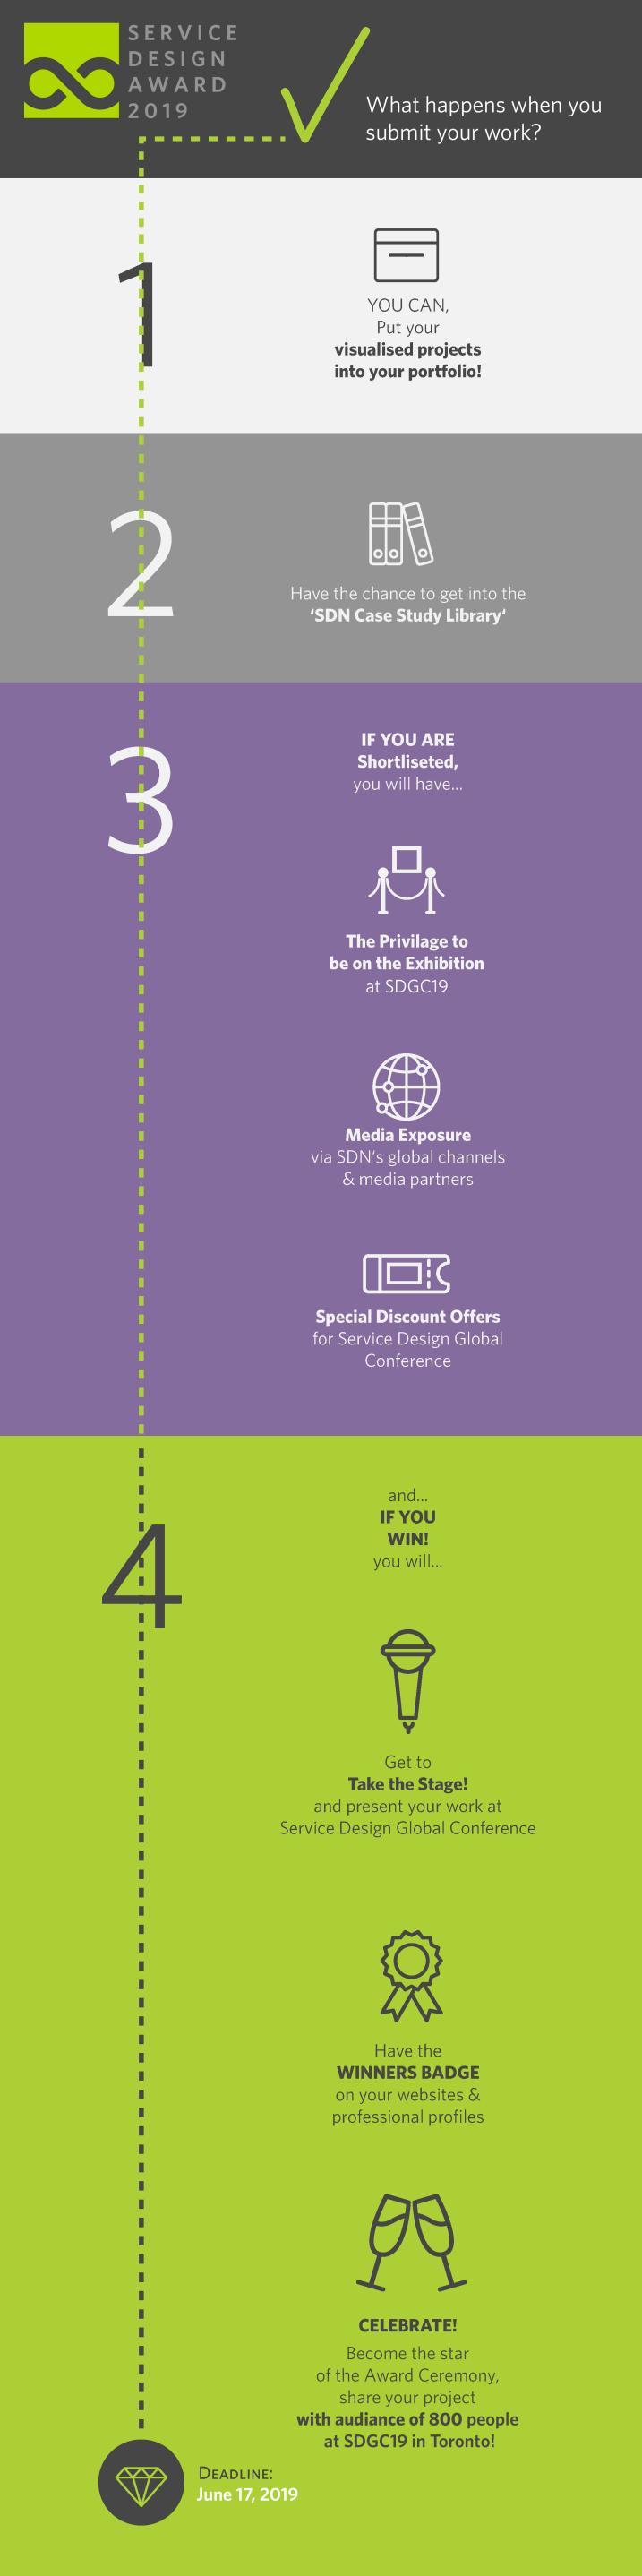 SDN | Service Design Award 2019: Extended Deadline